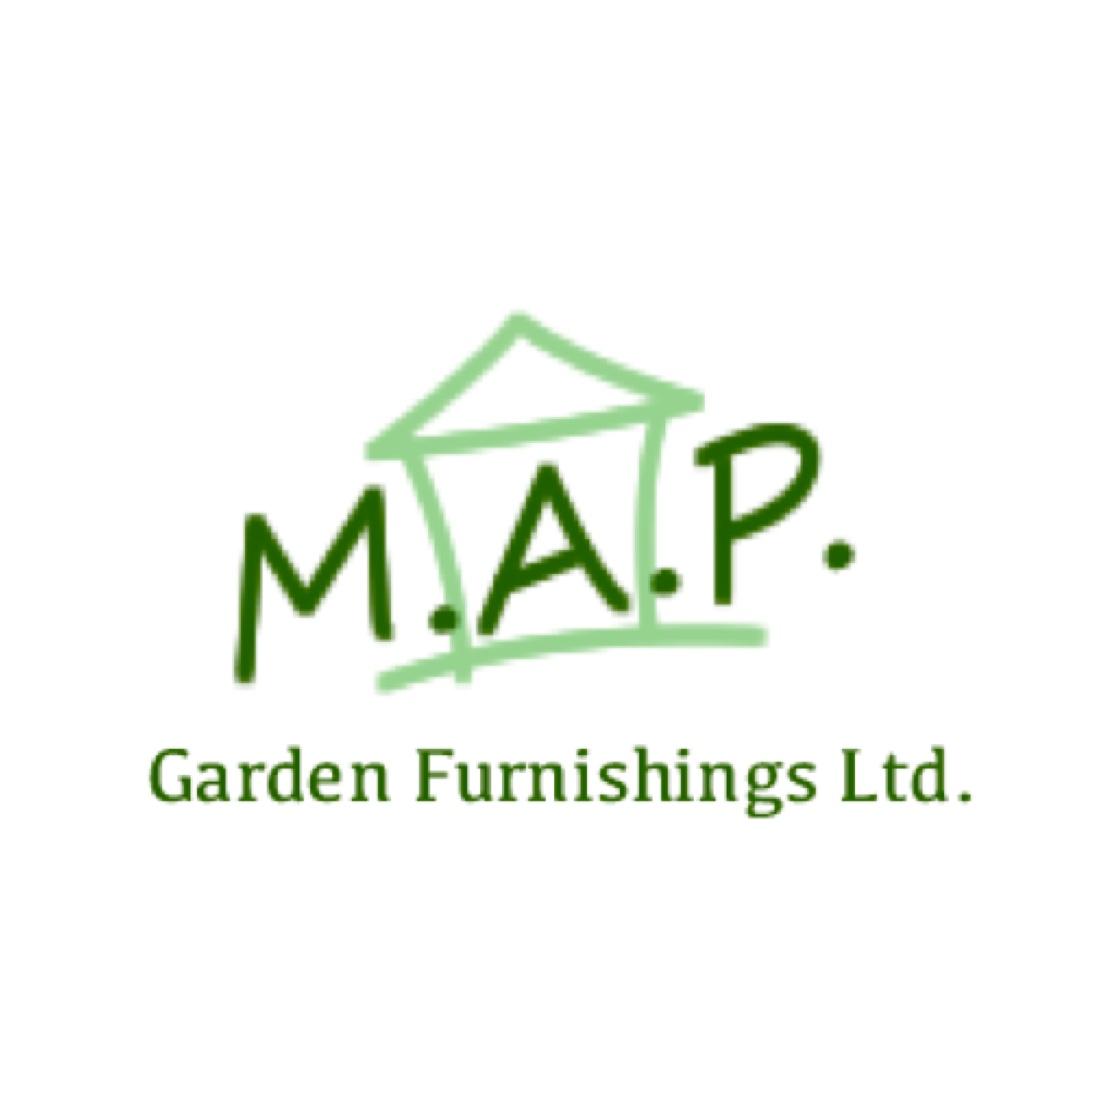 Shire Hatfield Pine Lodge 70mm